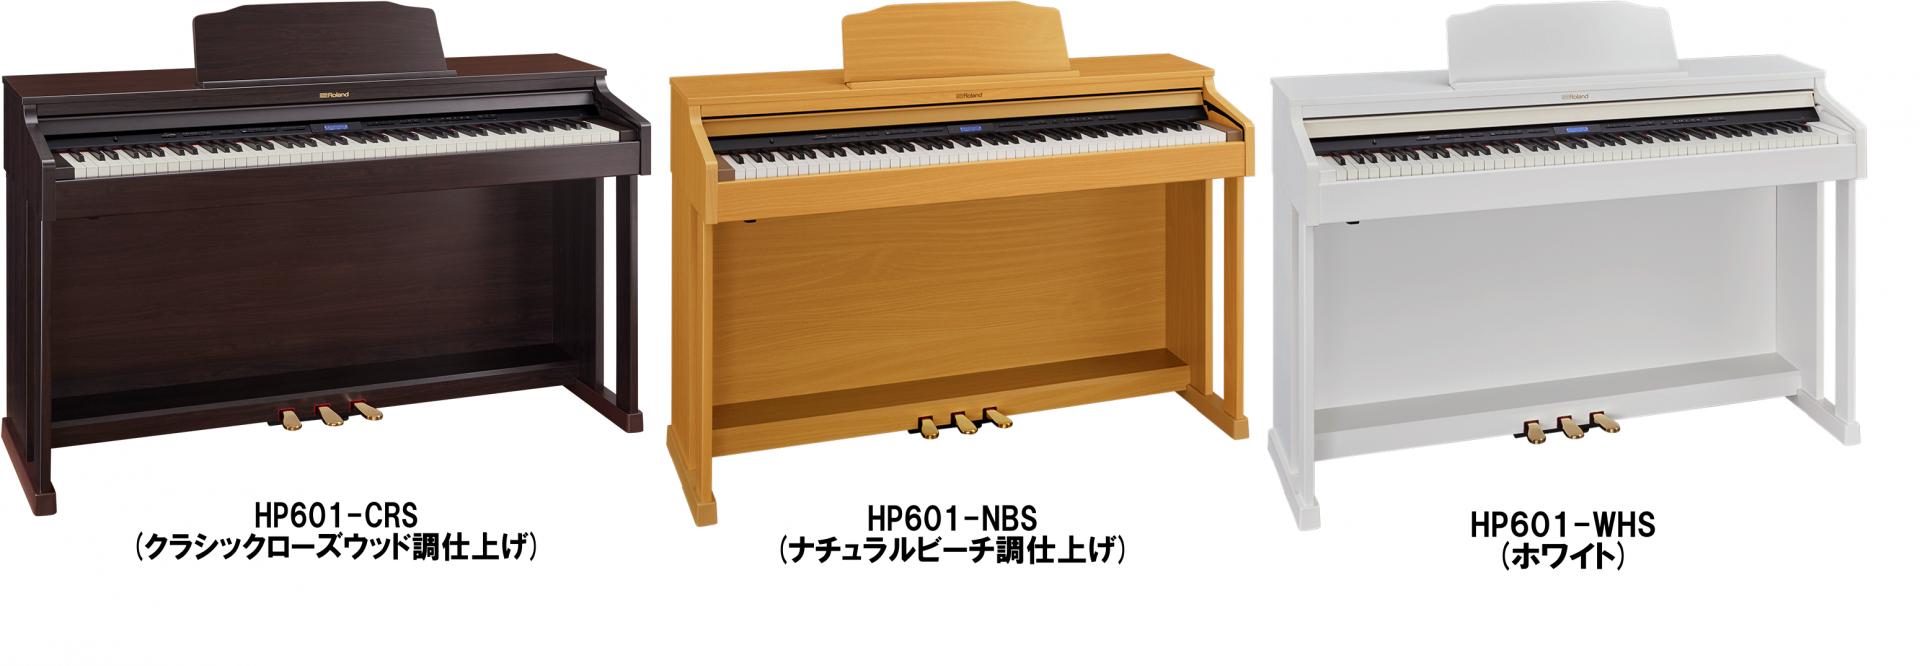 島村楽器イオンモール高崎店 ローランド HP601